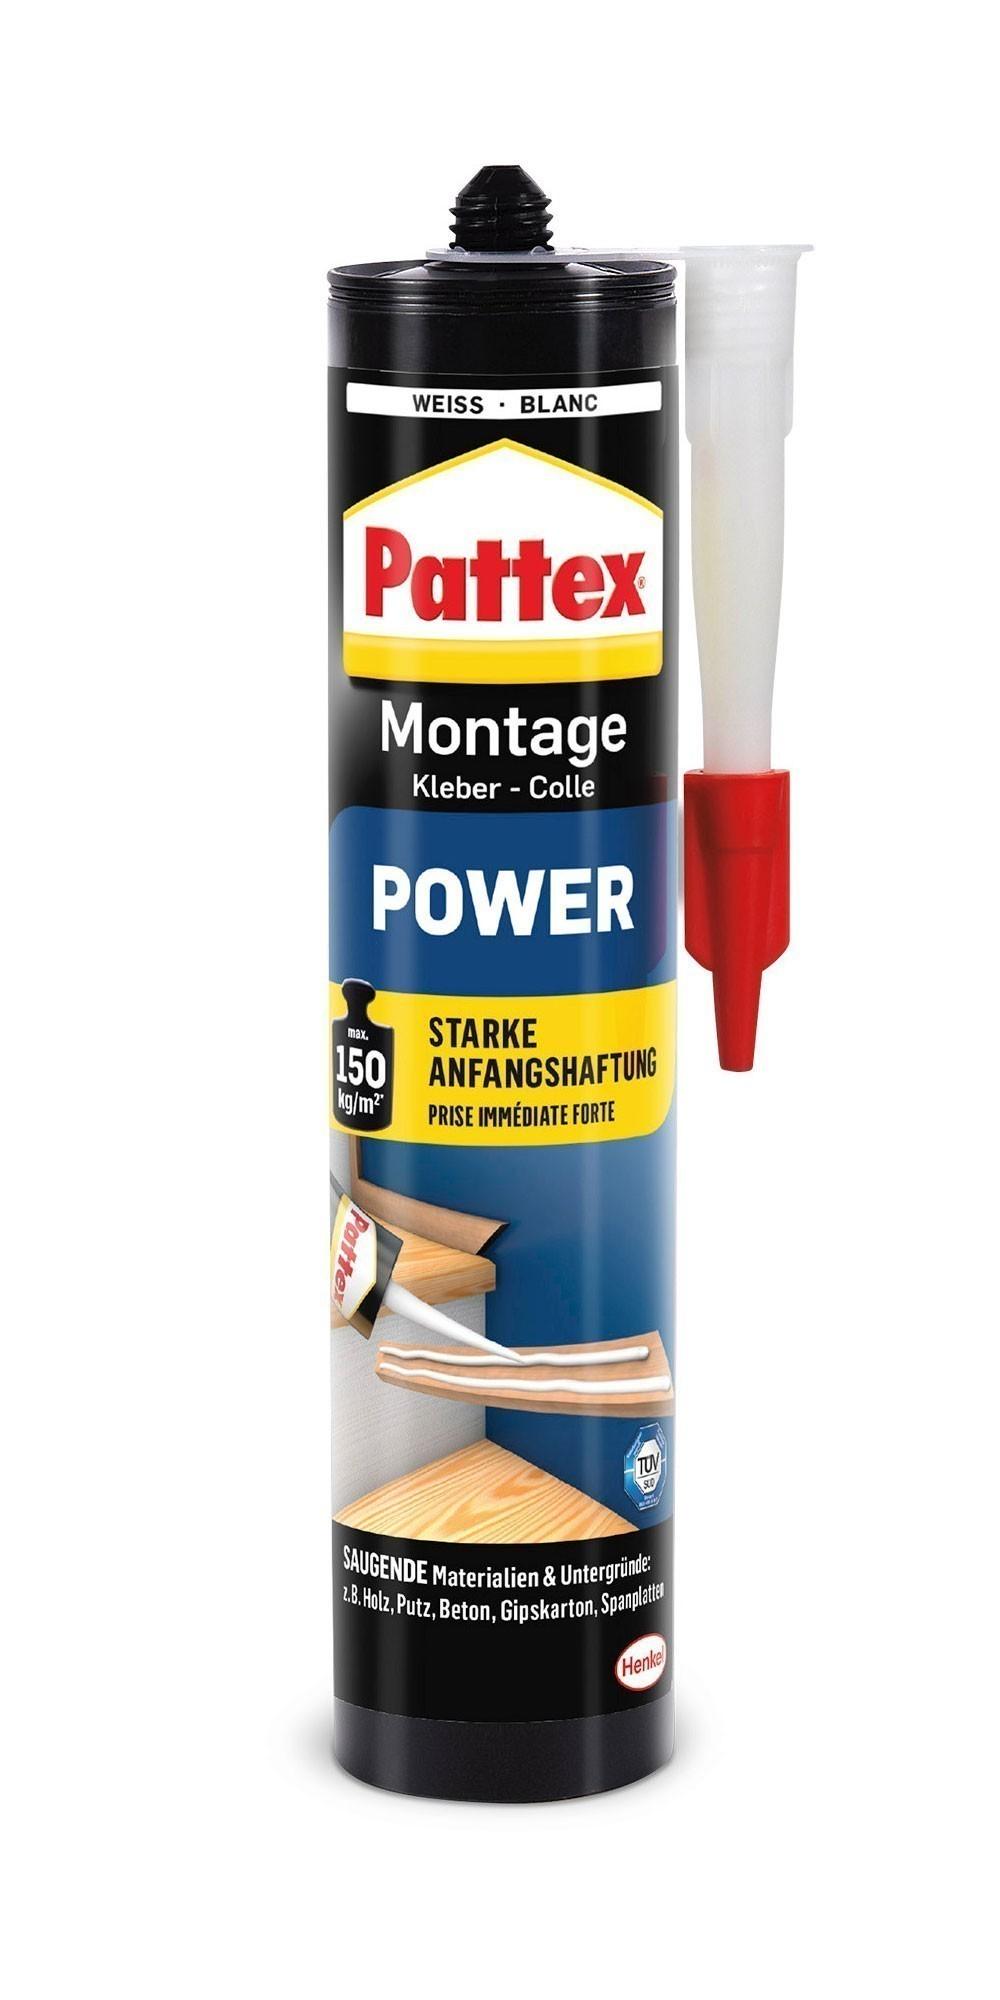 Pattex Montage Kraftkleber Power weiß 370g Bild 1